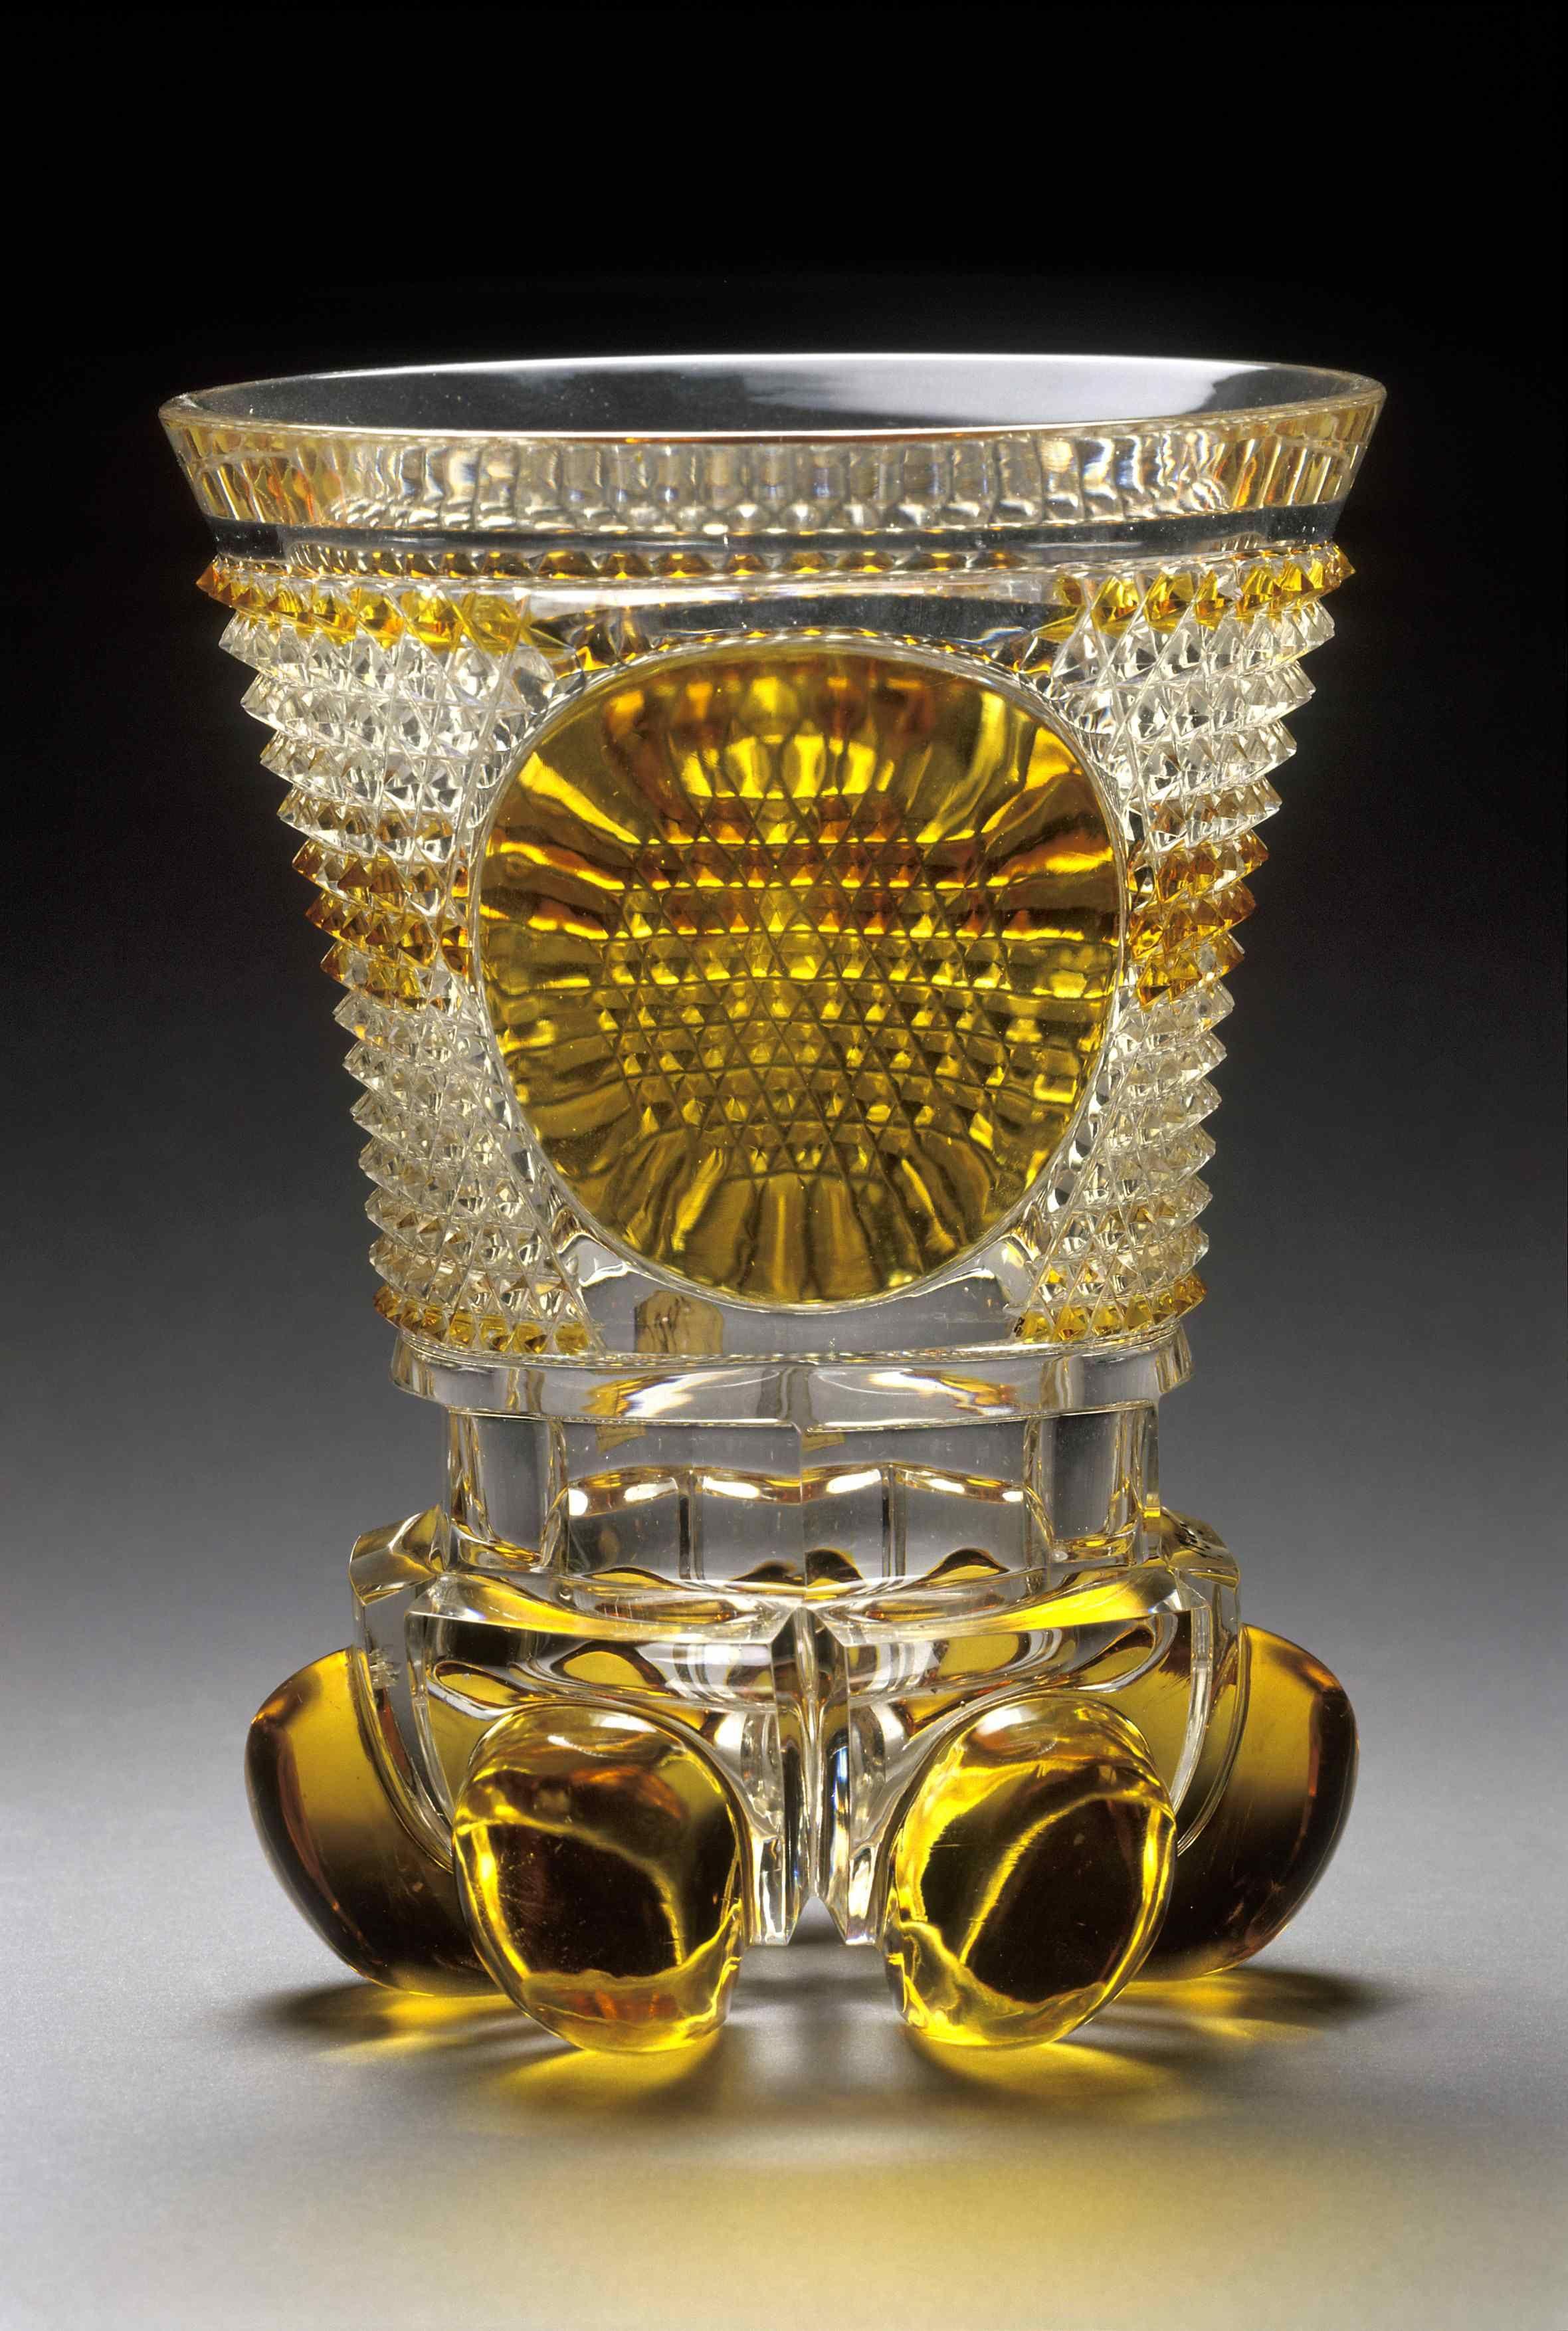 Glass Harrach . Žlutě lazurovaná číška z bezbarvého křišťálového skla. Vyrobeno mezi lety 1830-1840.